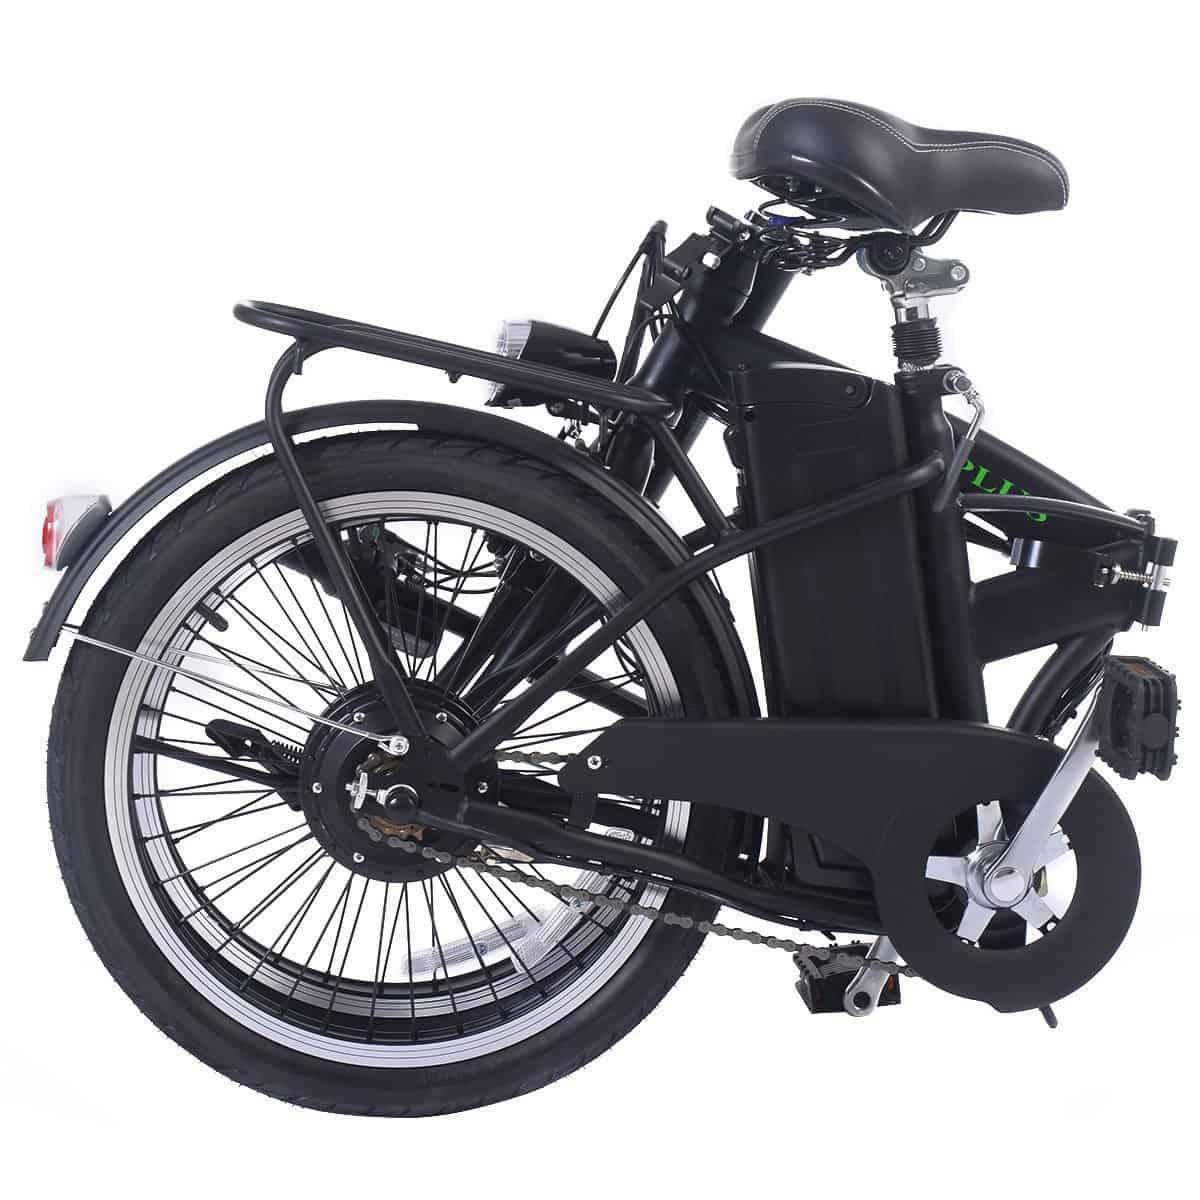 Goplus 20 Quot 250w Folding Electric Bike Review Eco Friendly